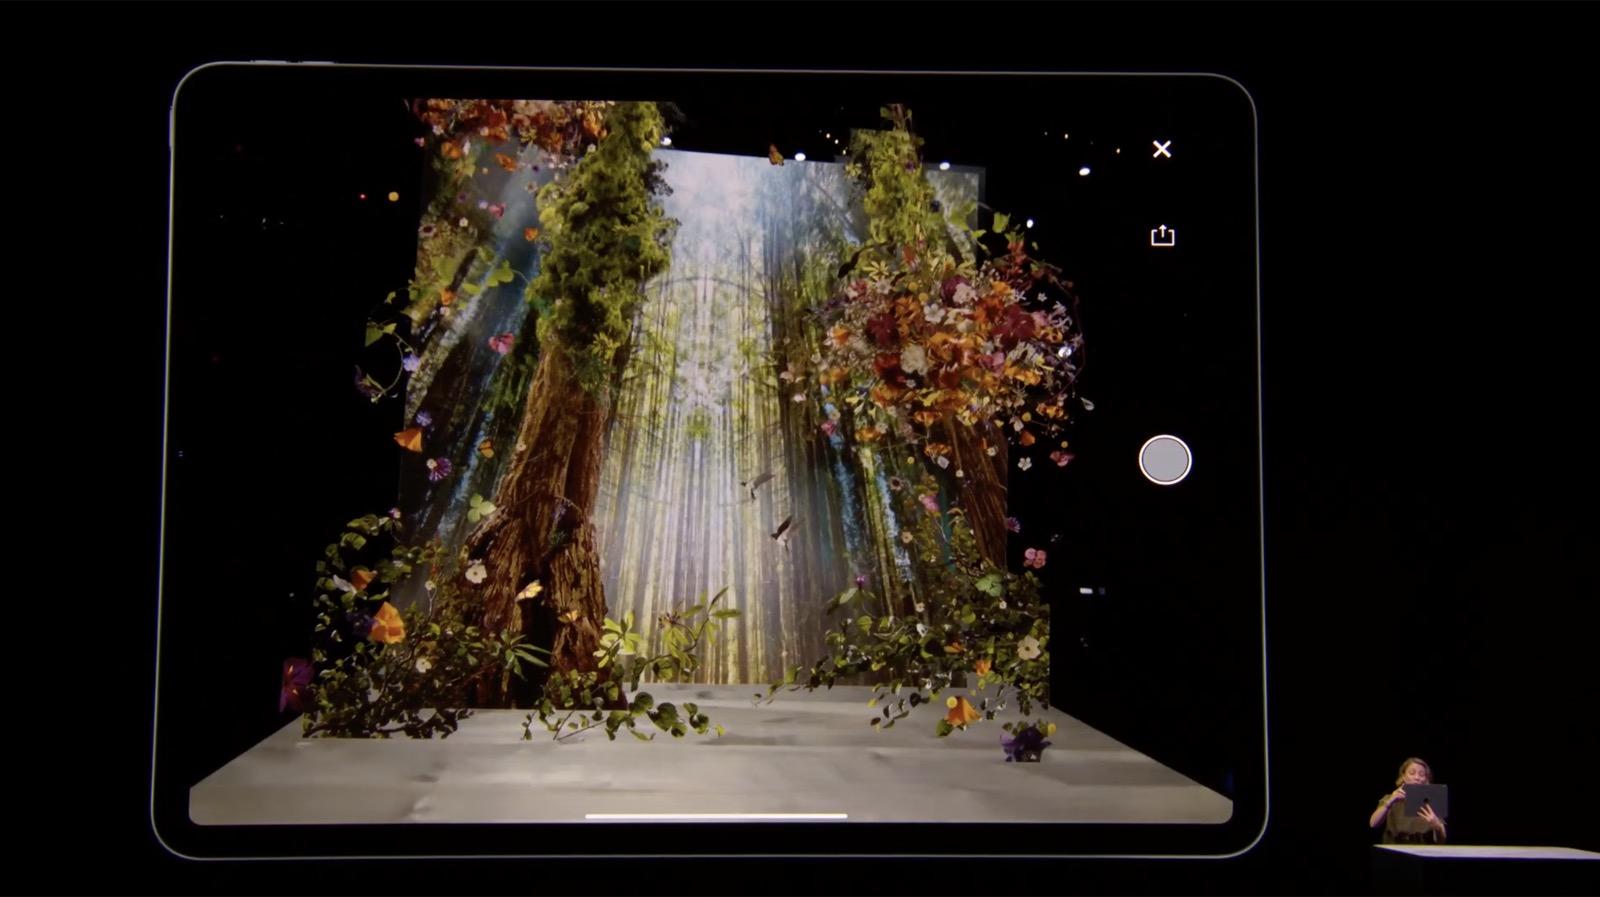 Photoshop per iPad è l'evoluzione del professionista già oggi